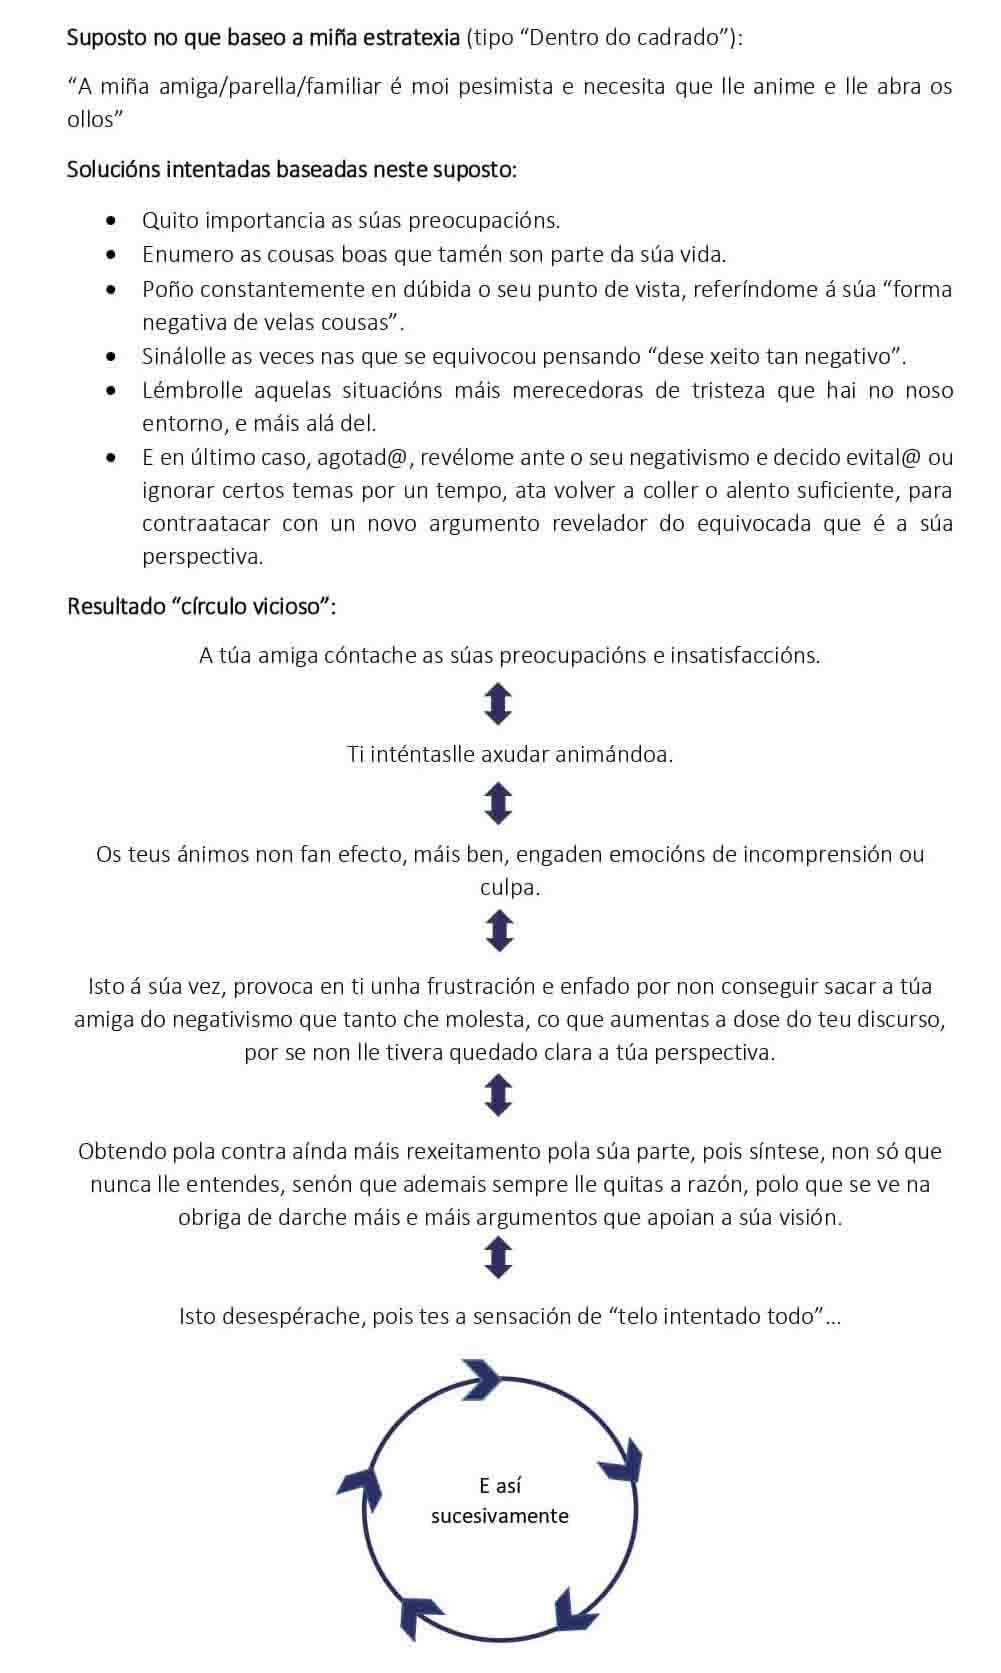 Formación-círculo-vicioso-galego